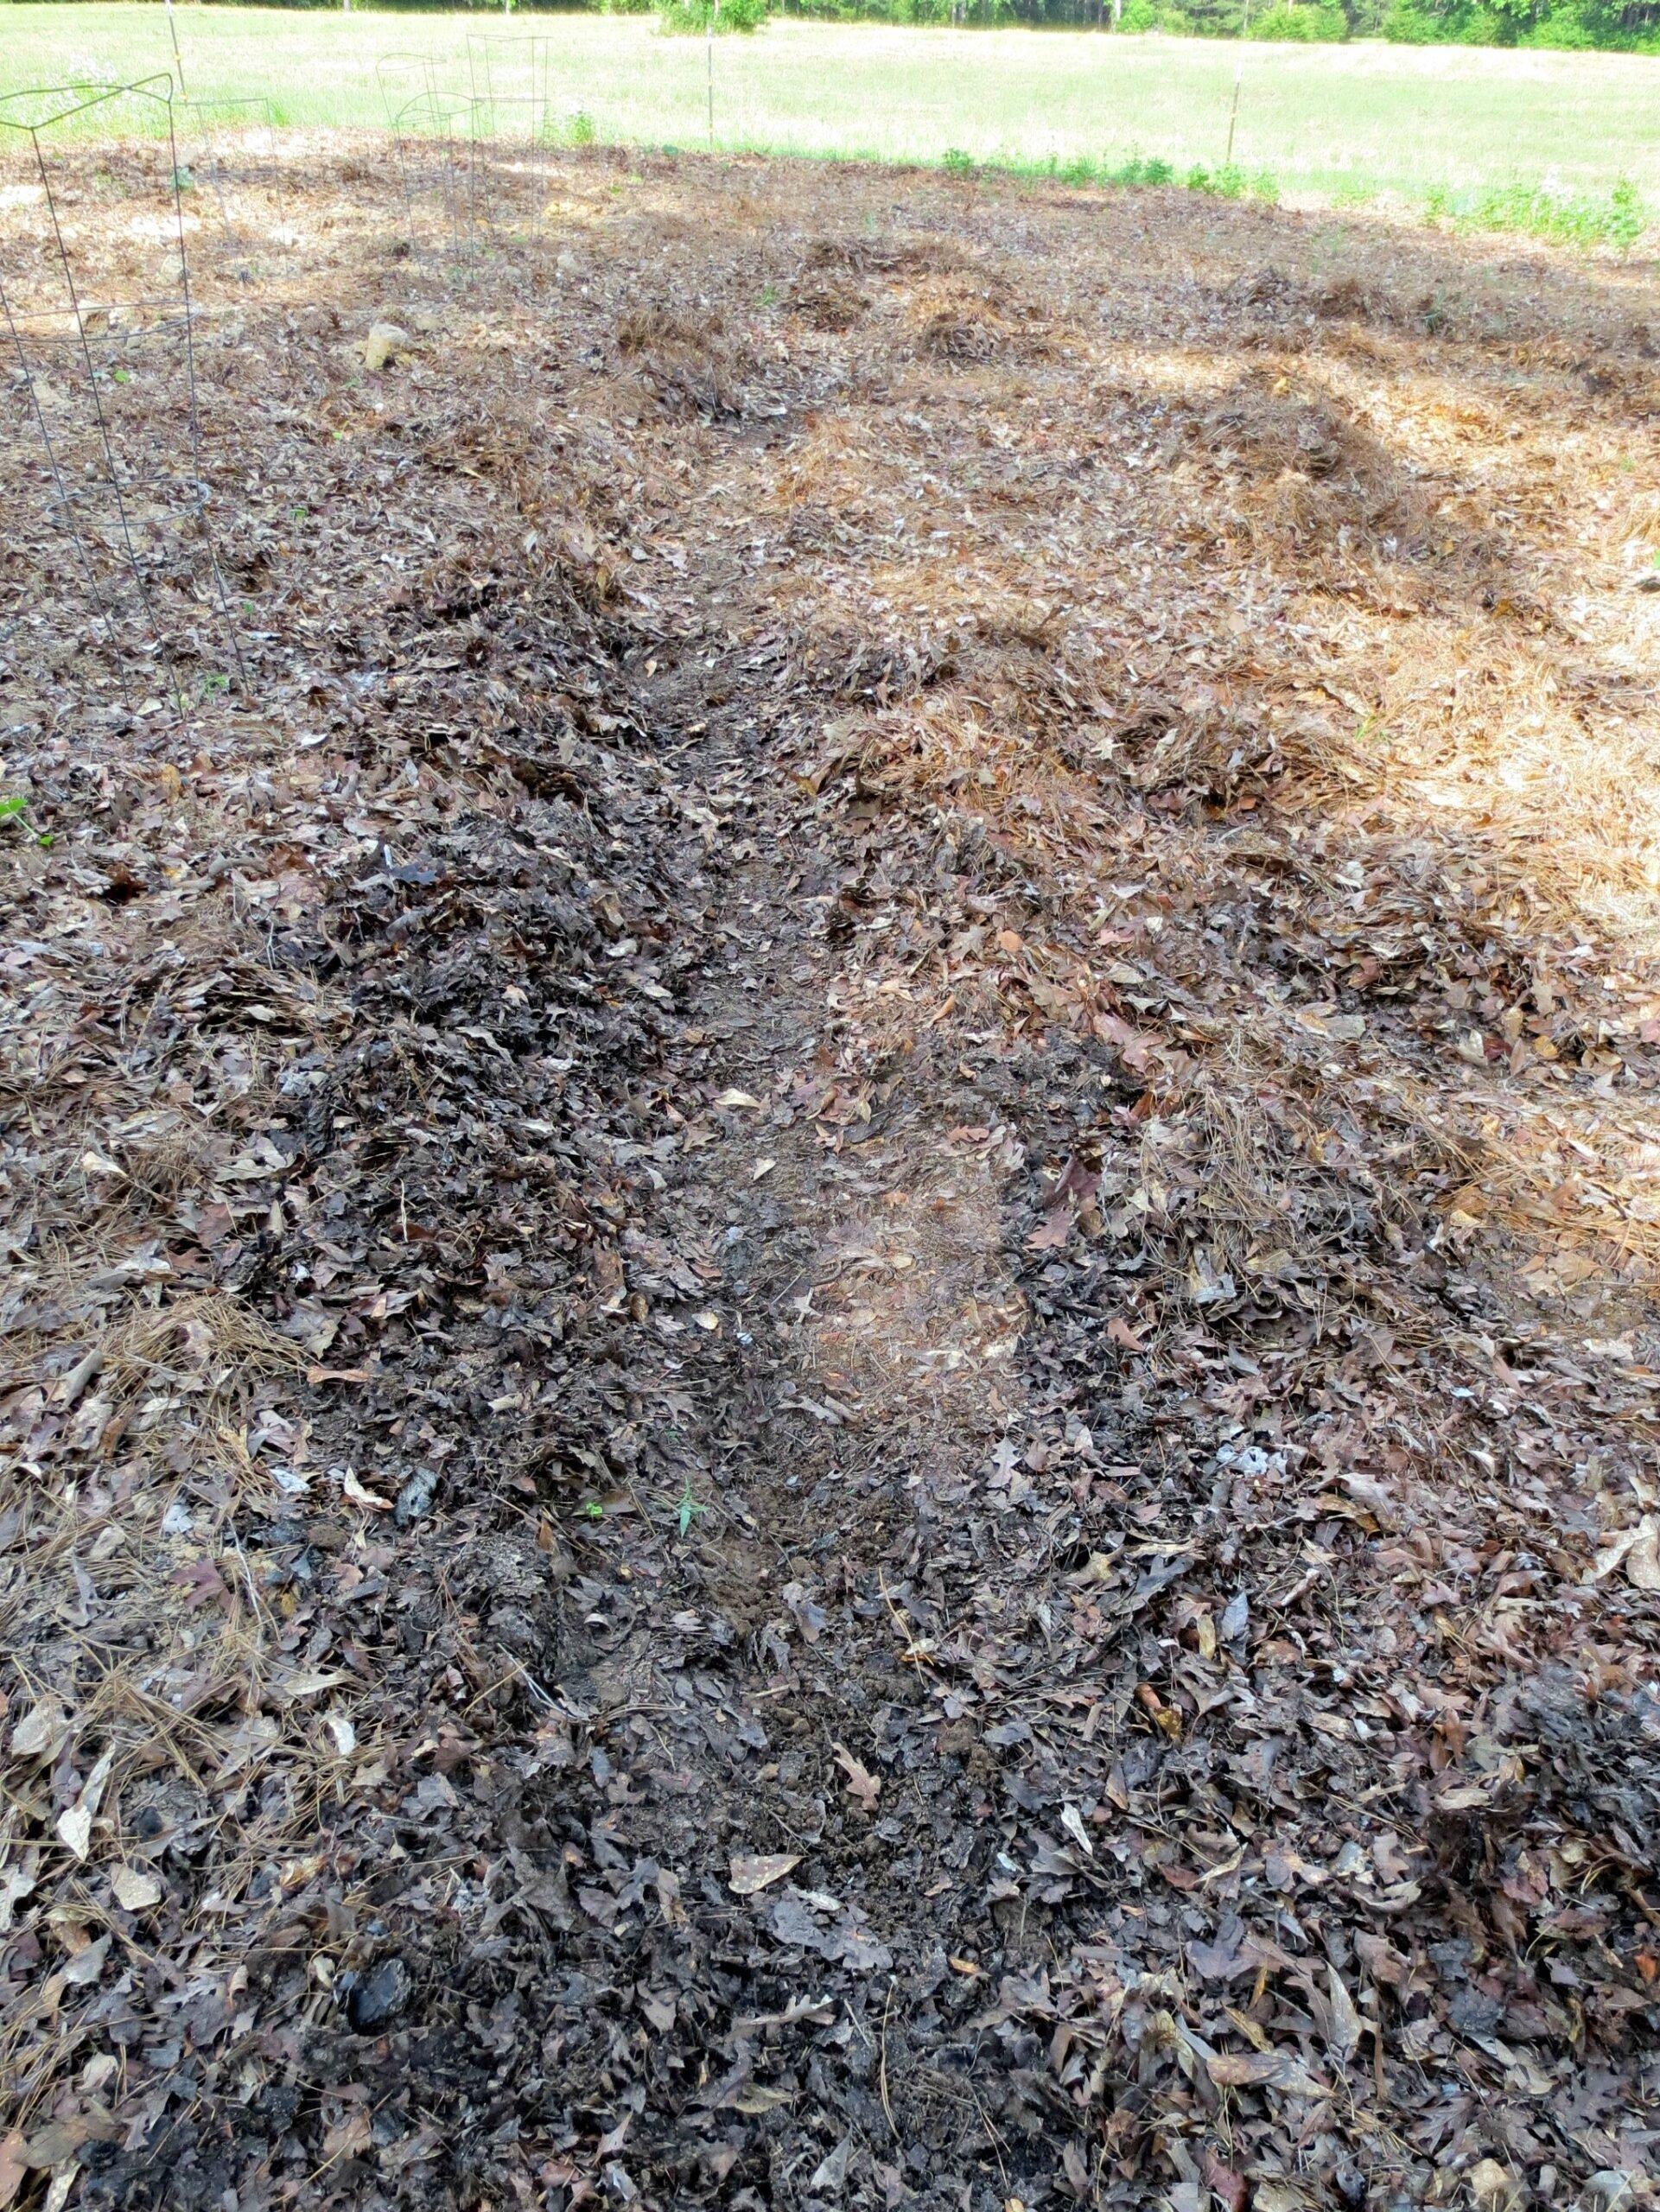 deep mulch soil in a garden